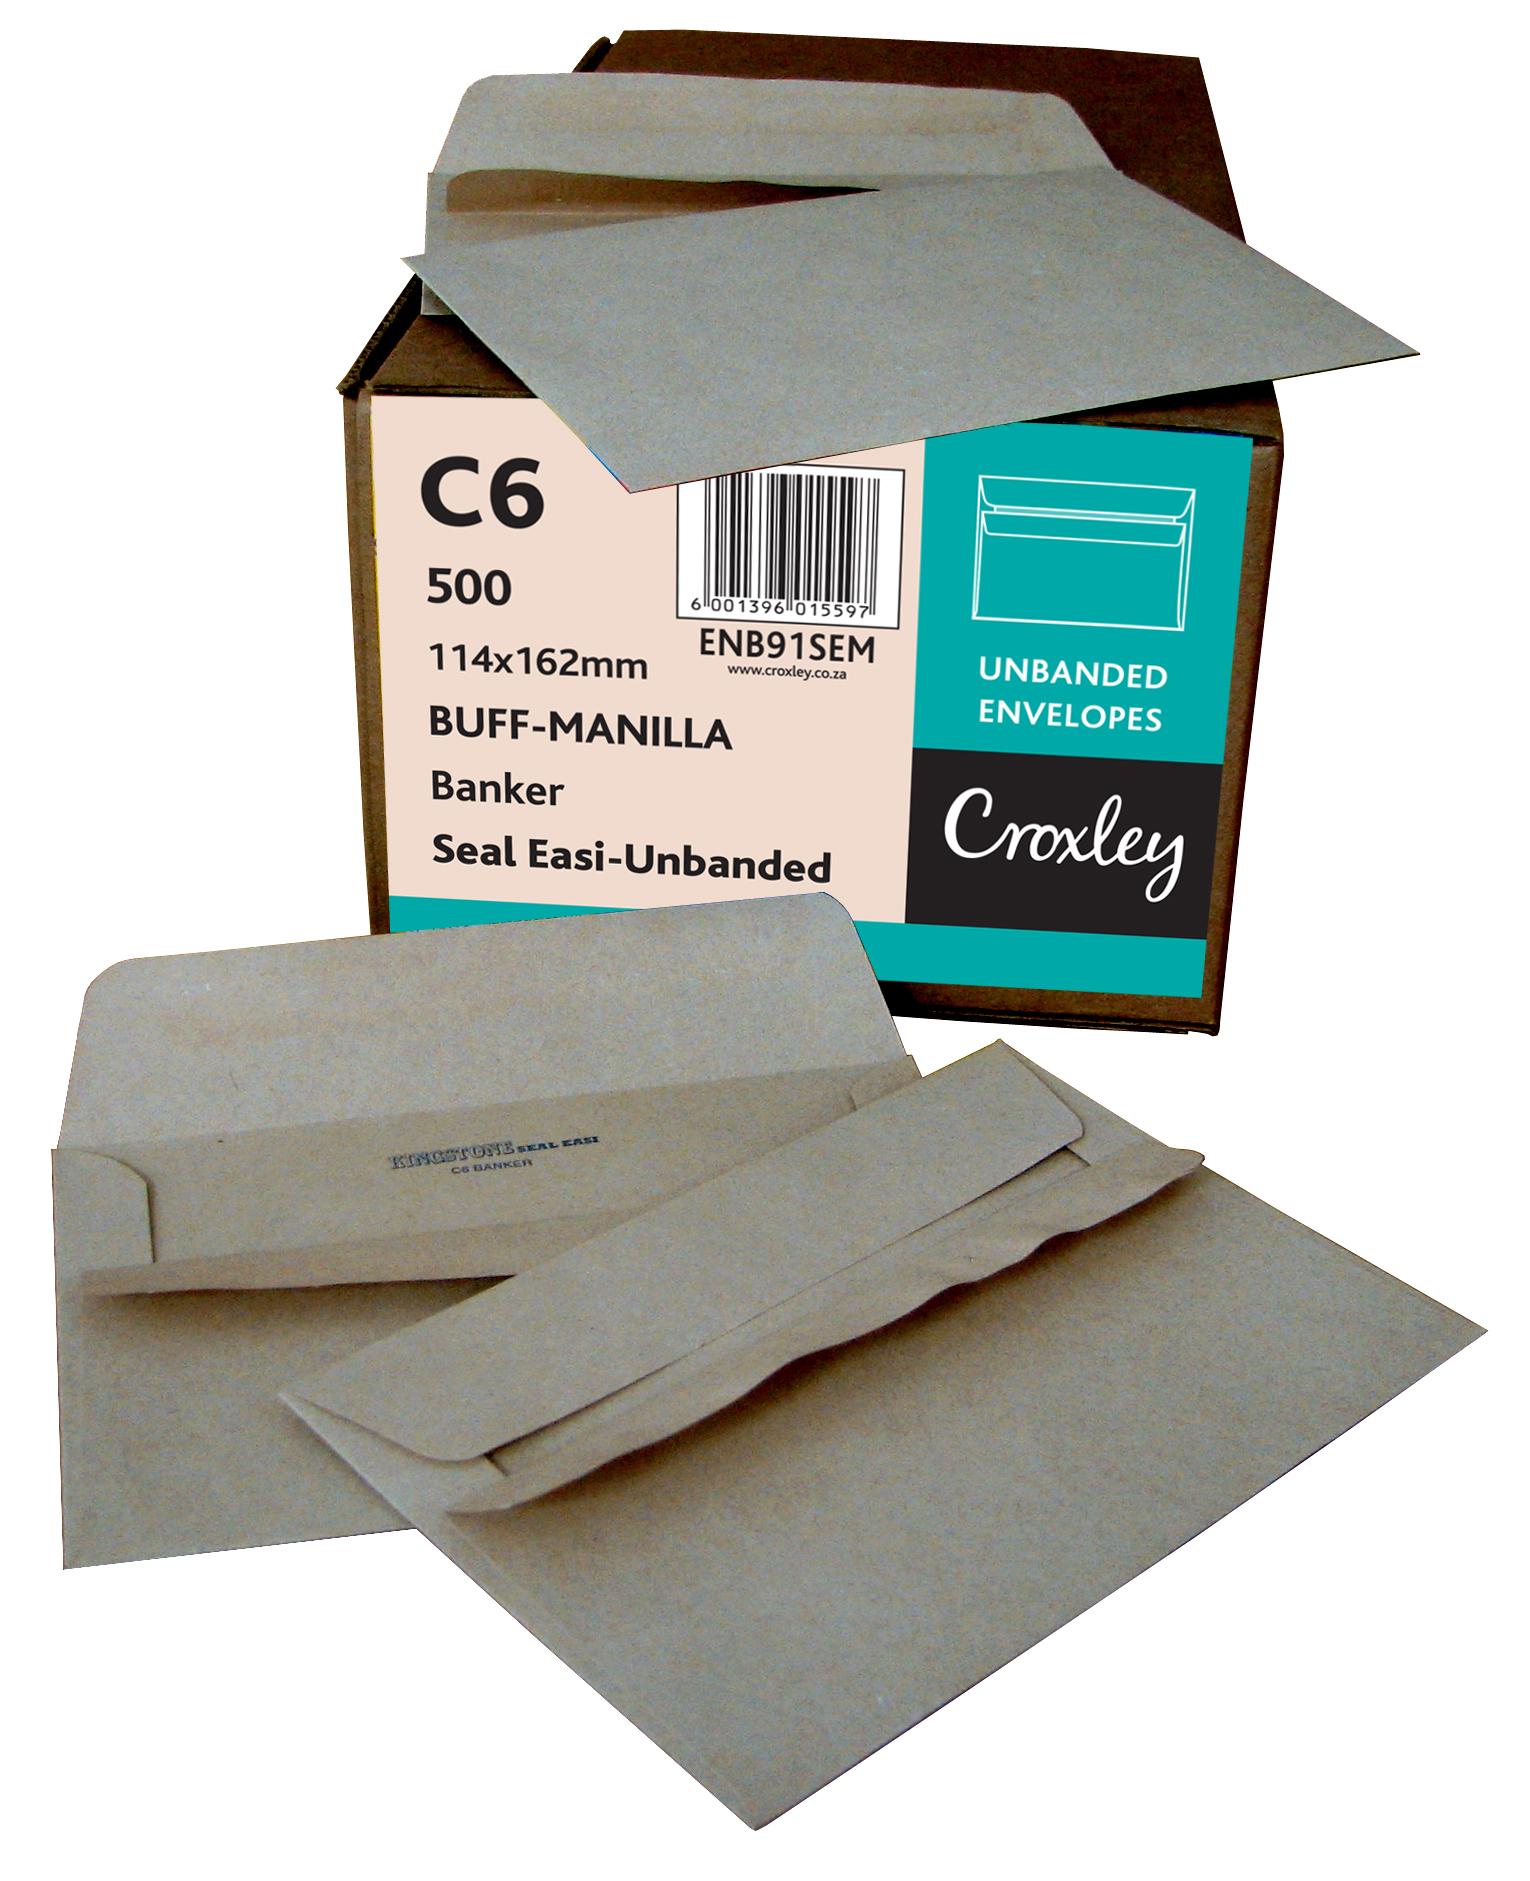 C6 Croxley Brown Seal Easi Unbanded (Kingstone)